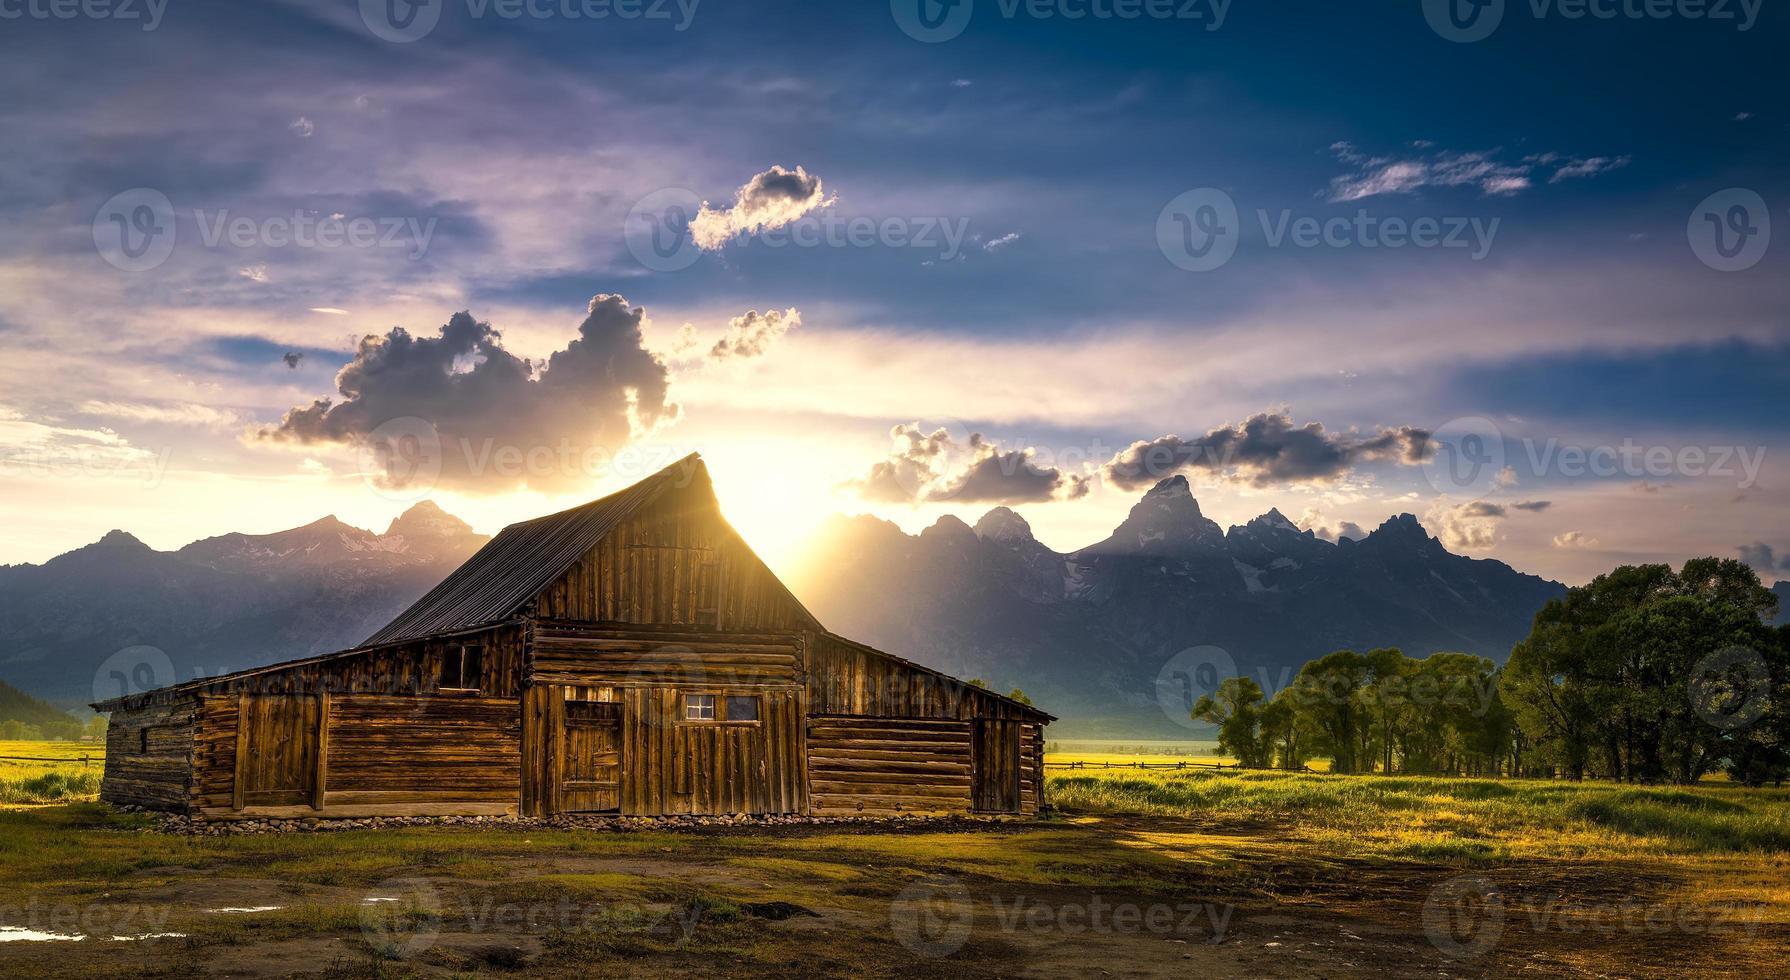 ta grange moulton après la tempête photo